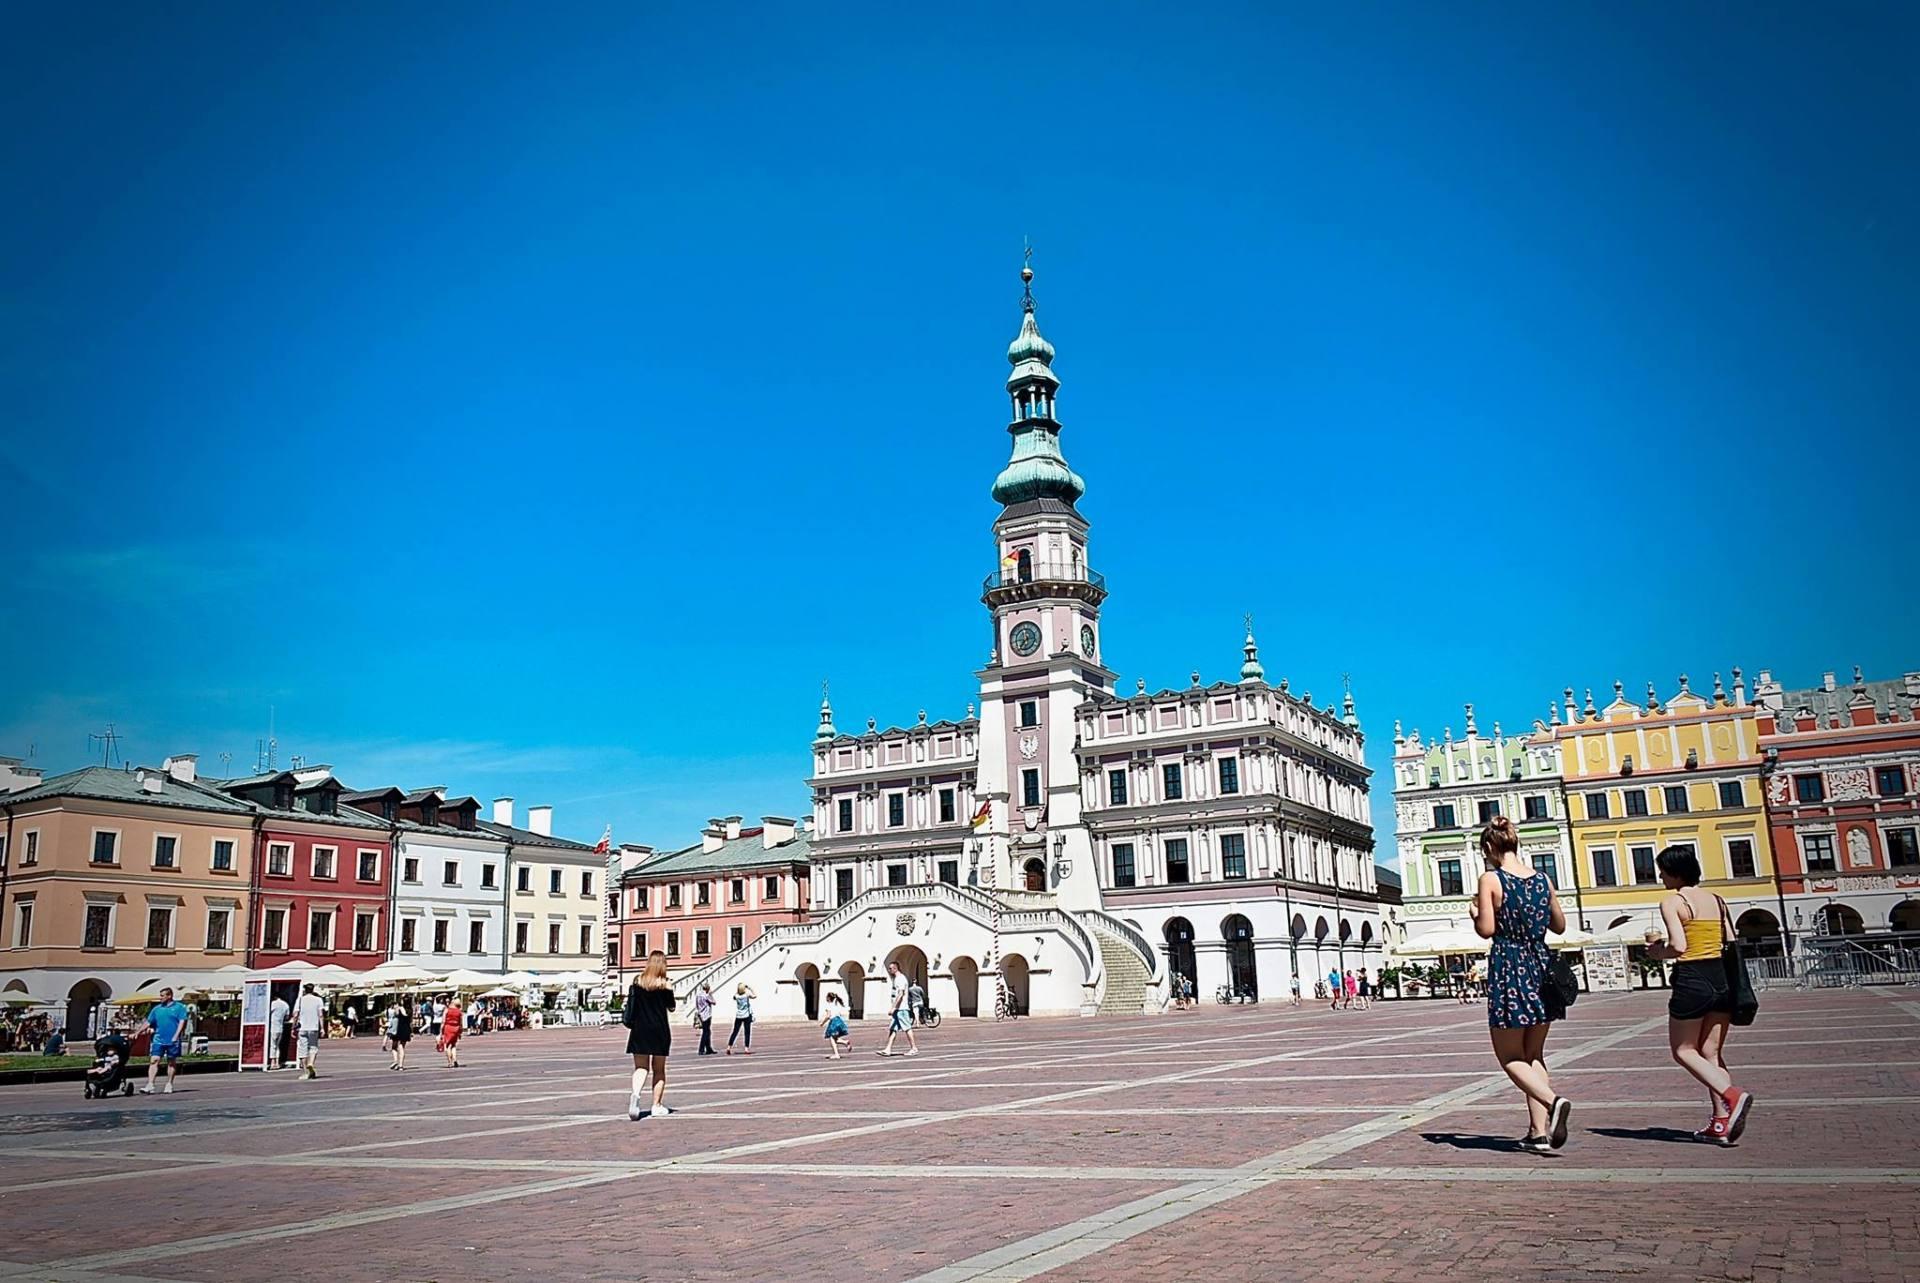 38391238 2177072855896173 7514704819529973760 o Mieszkańcy woj. lubelskiego najrzadziej uruchamiają bony turystyczne